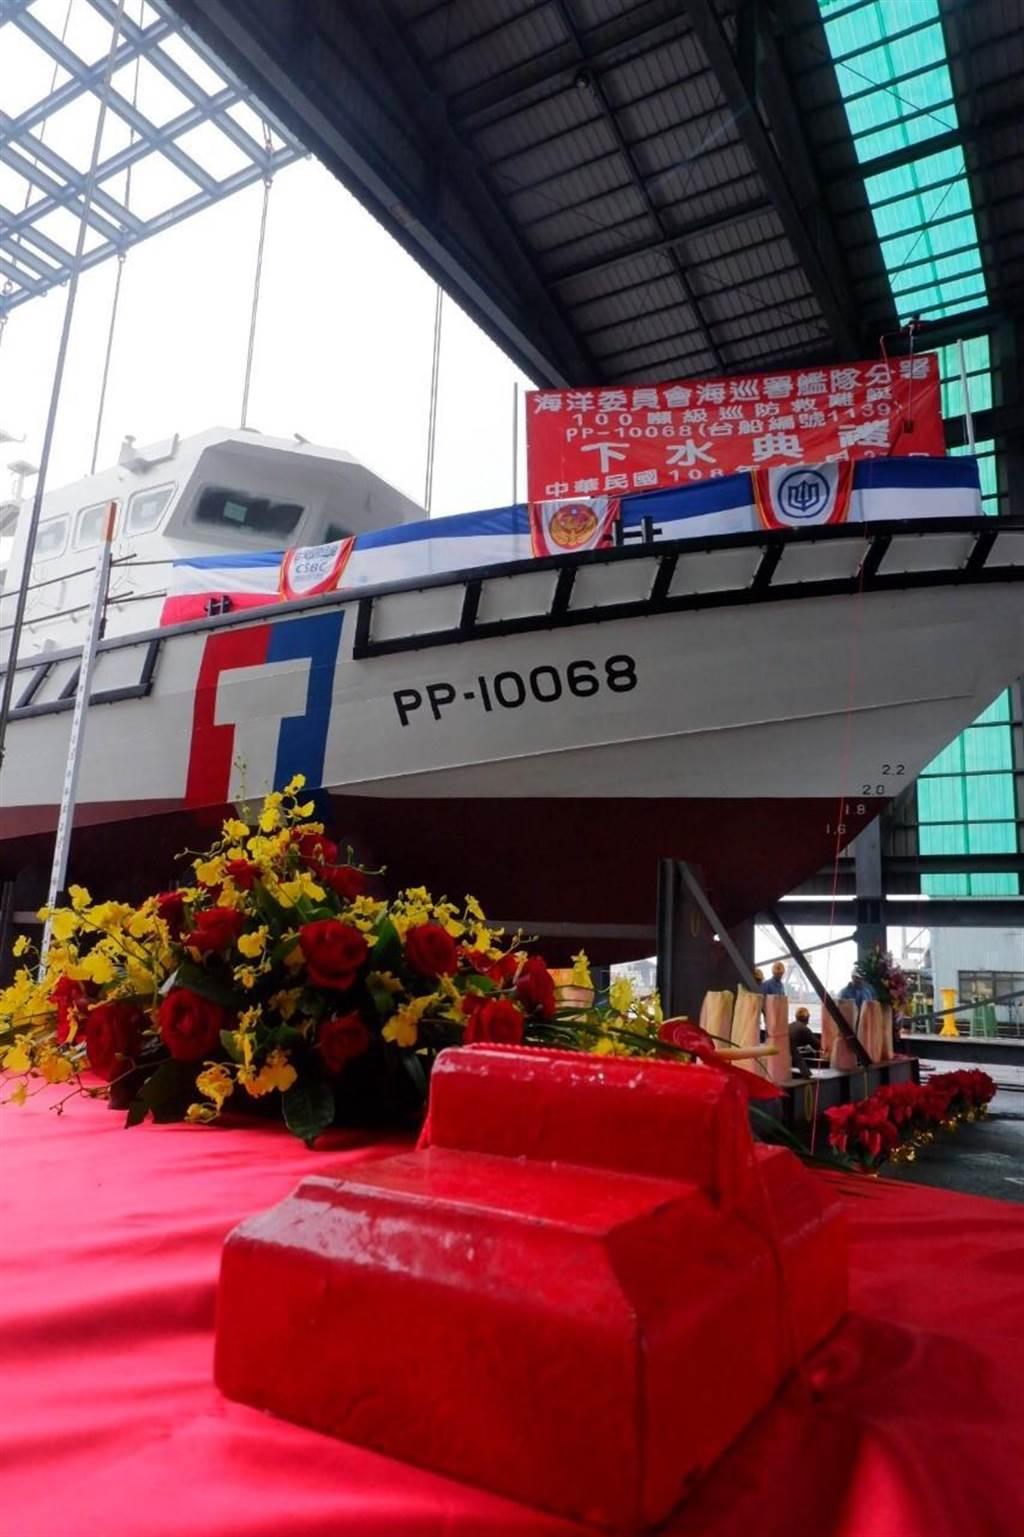 海巡「PP-10068」巡防艇大幅改良性能,航速可達30節、續航力1200海浬以上。(海巡署提供/許家寧基隆傳真)